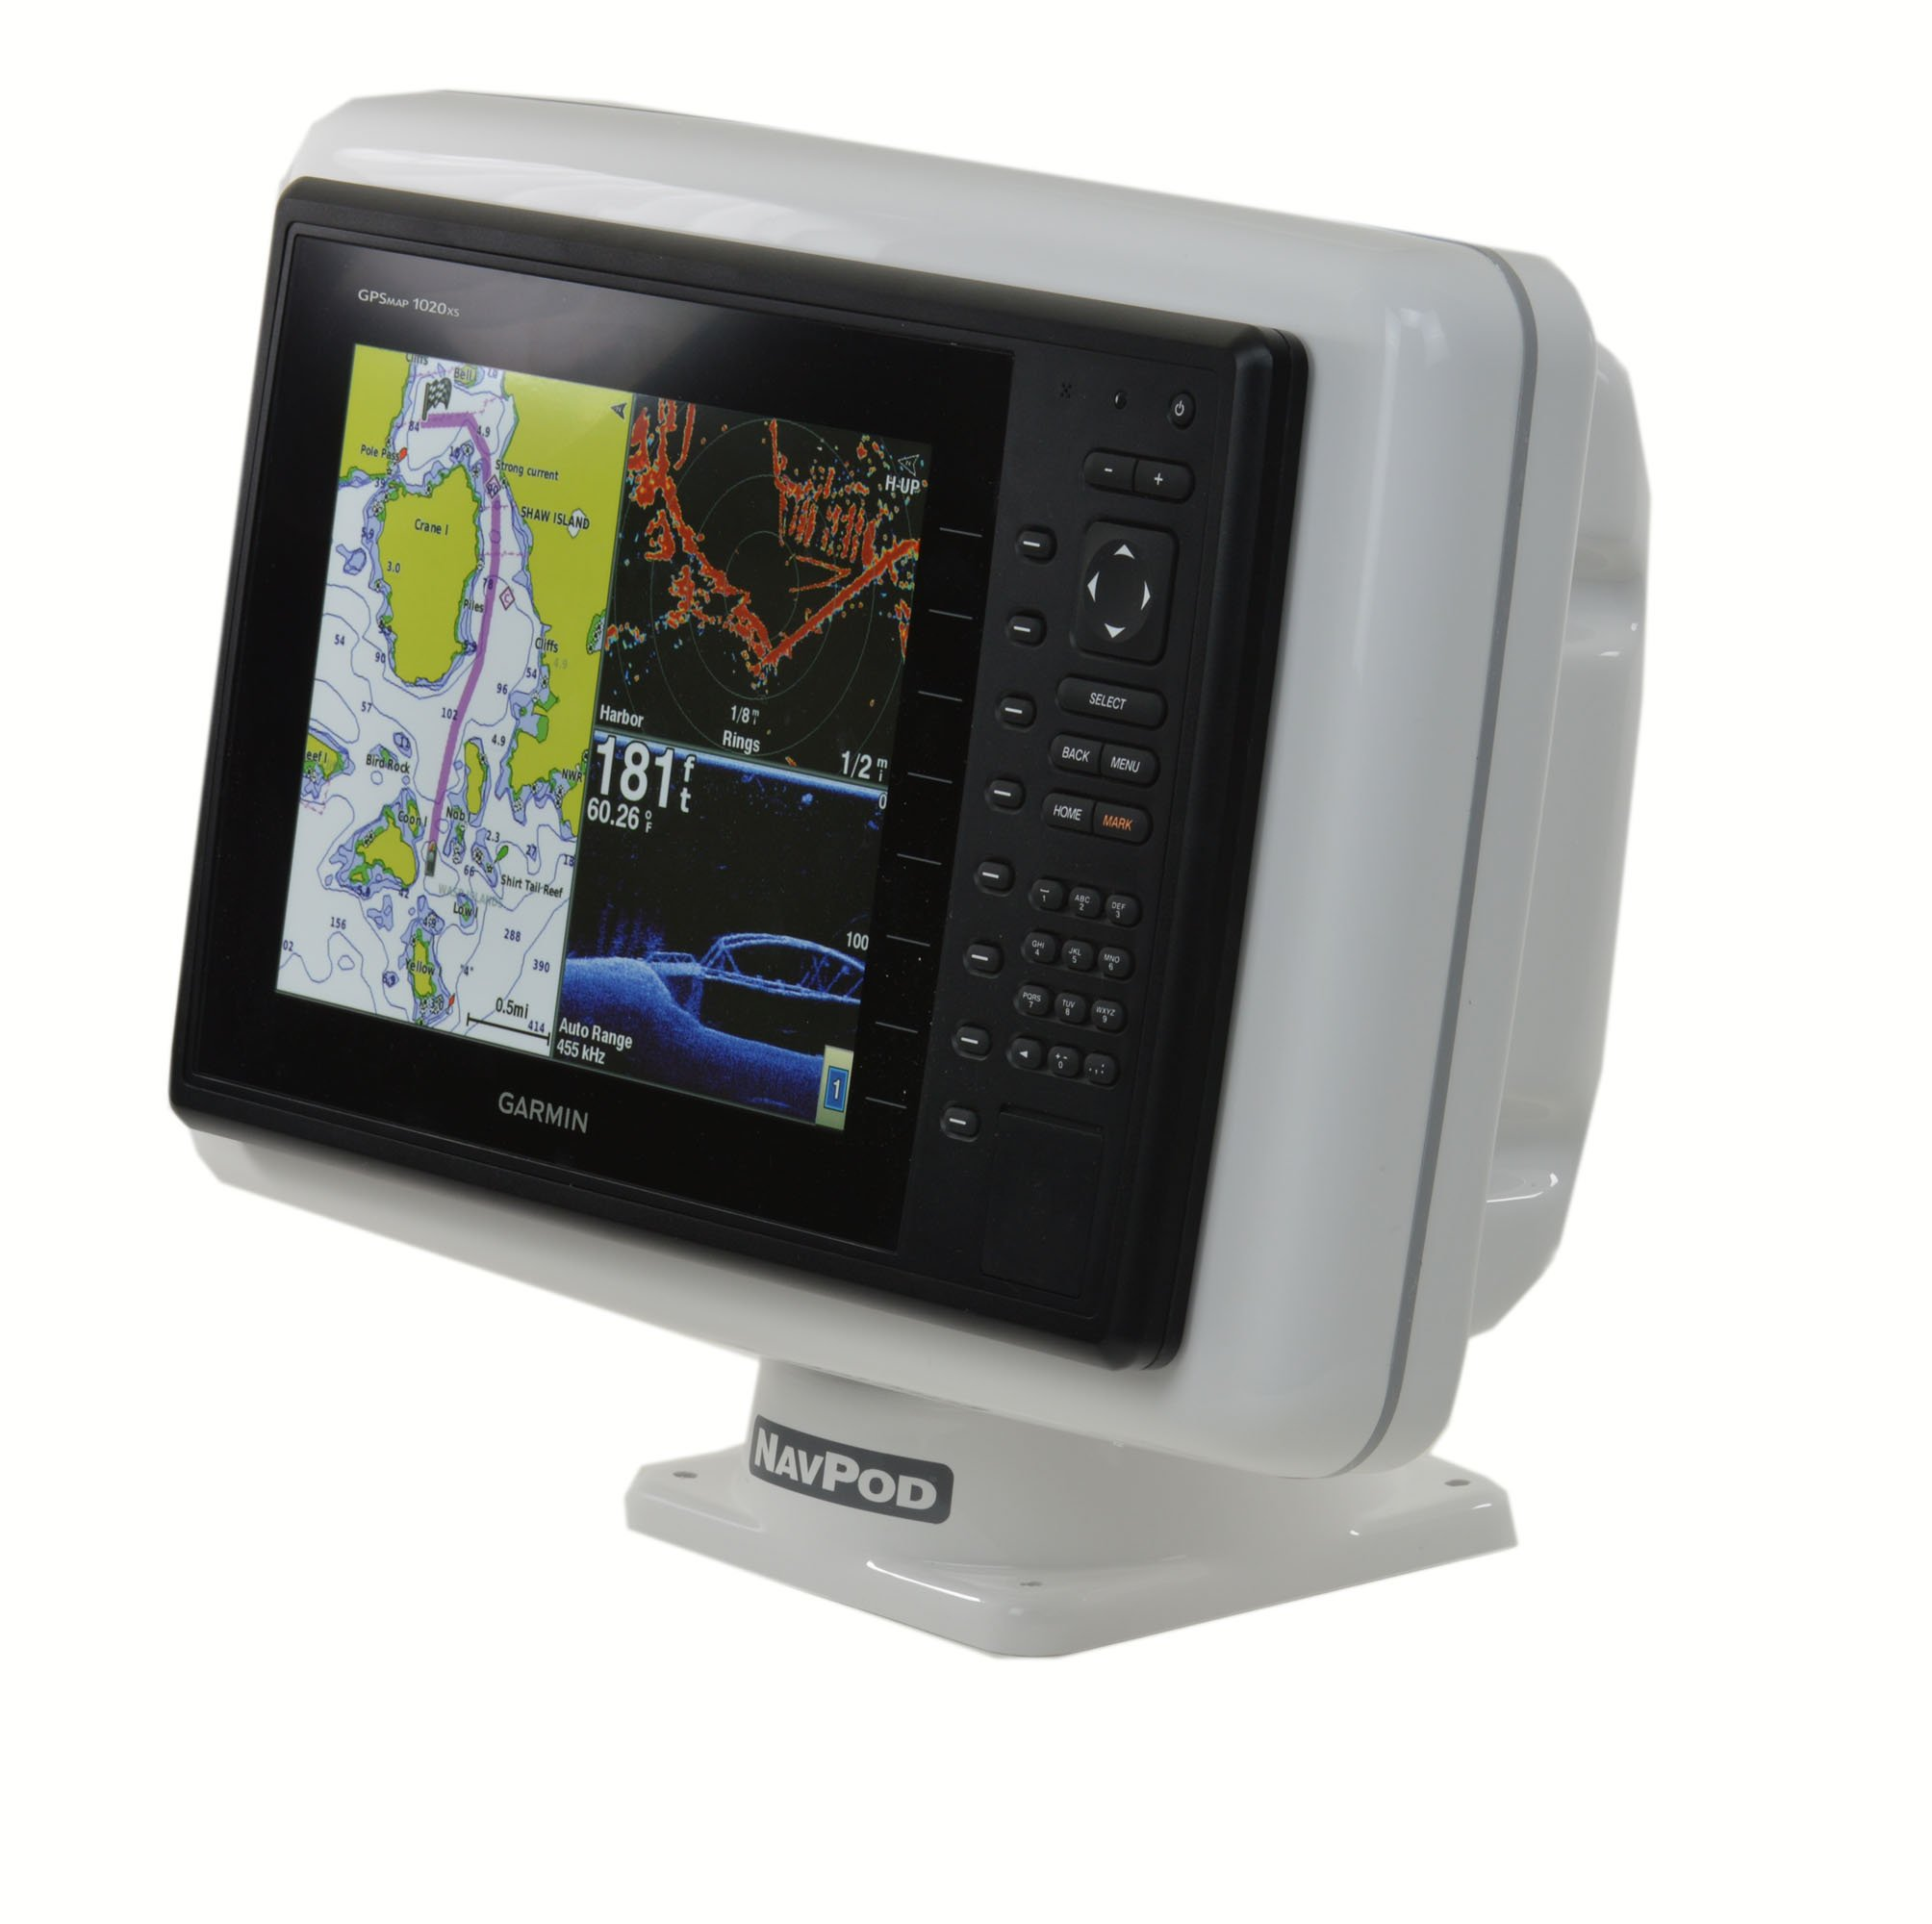 NavPod PP5201 PowerPod Pre-Cut for Garmin 1020/1020xs/1040xs by NavPod